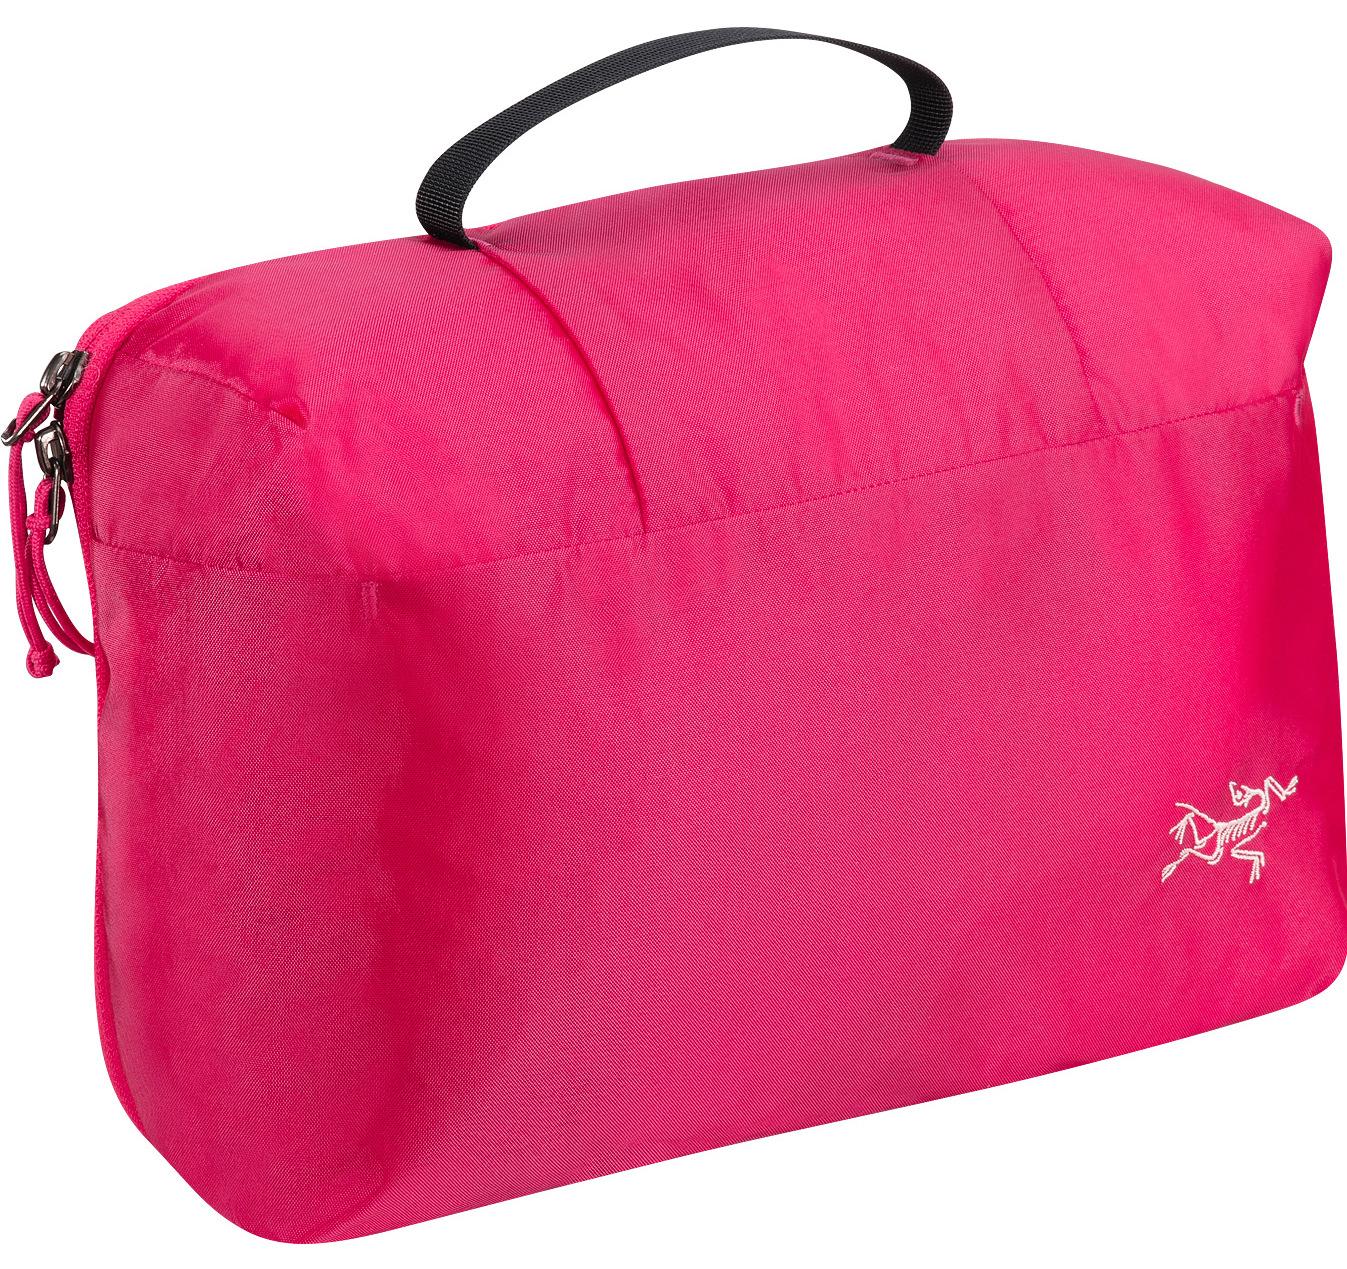 Arcteryx 始祖鳥 旅行衣物打理包/行李收納袋 14258 Index 5 萬代蘭紅